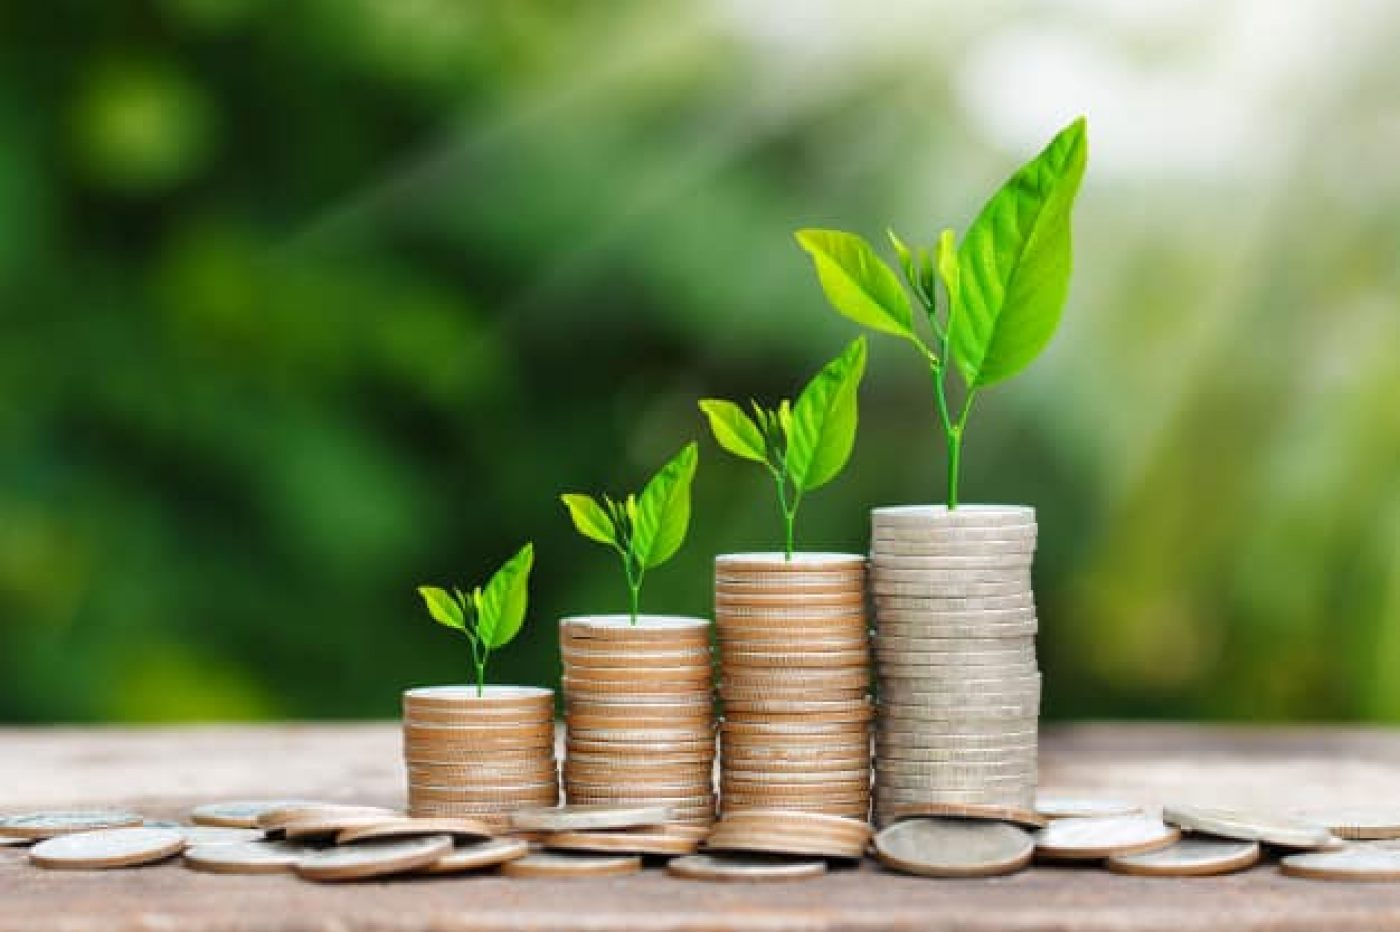 פיצויי פיטורין, סעיף 14 וחוק פנסיה חובה